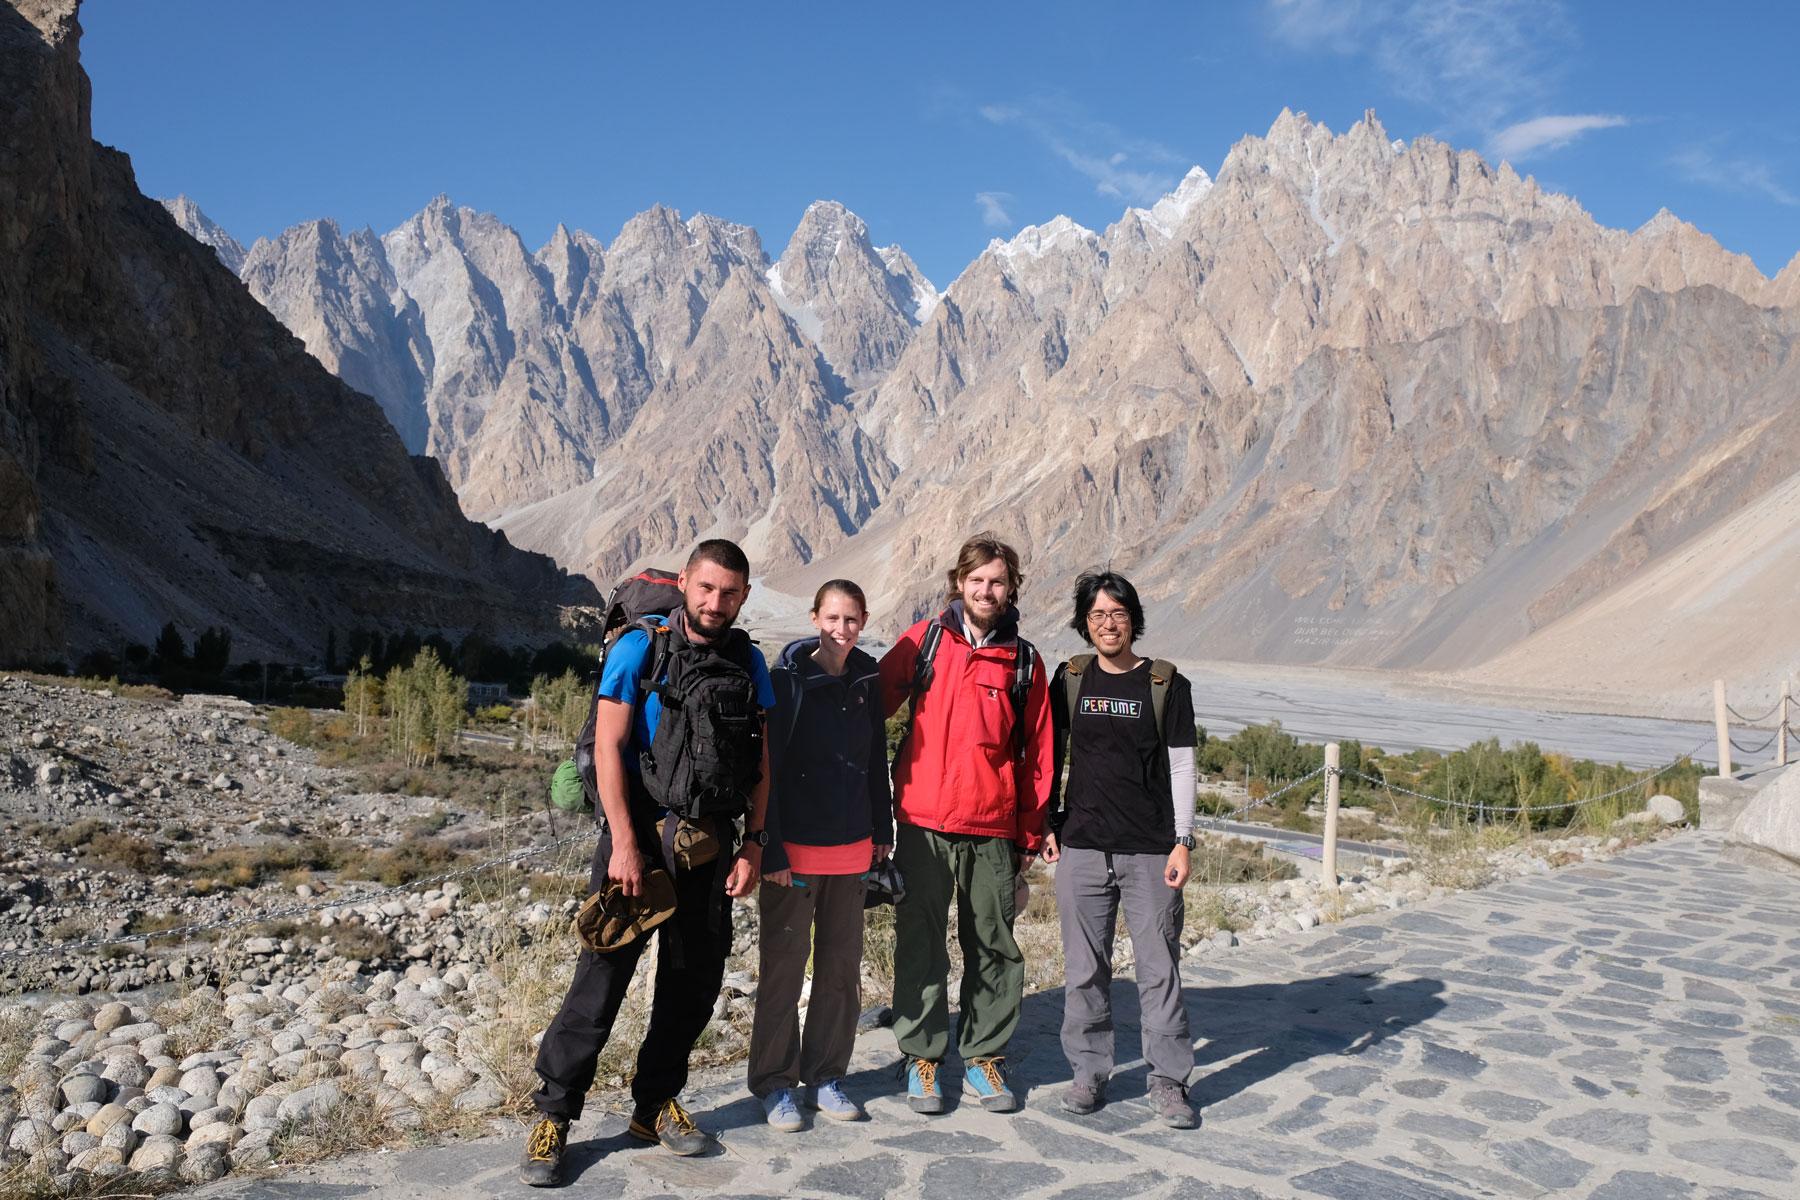 Sebastian und Leo mit zwei Mitreisenden im Karakorumgebirge.